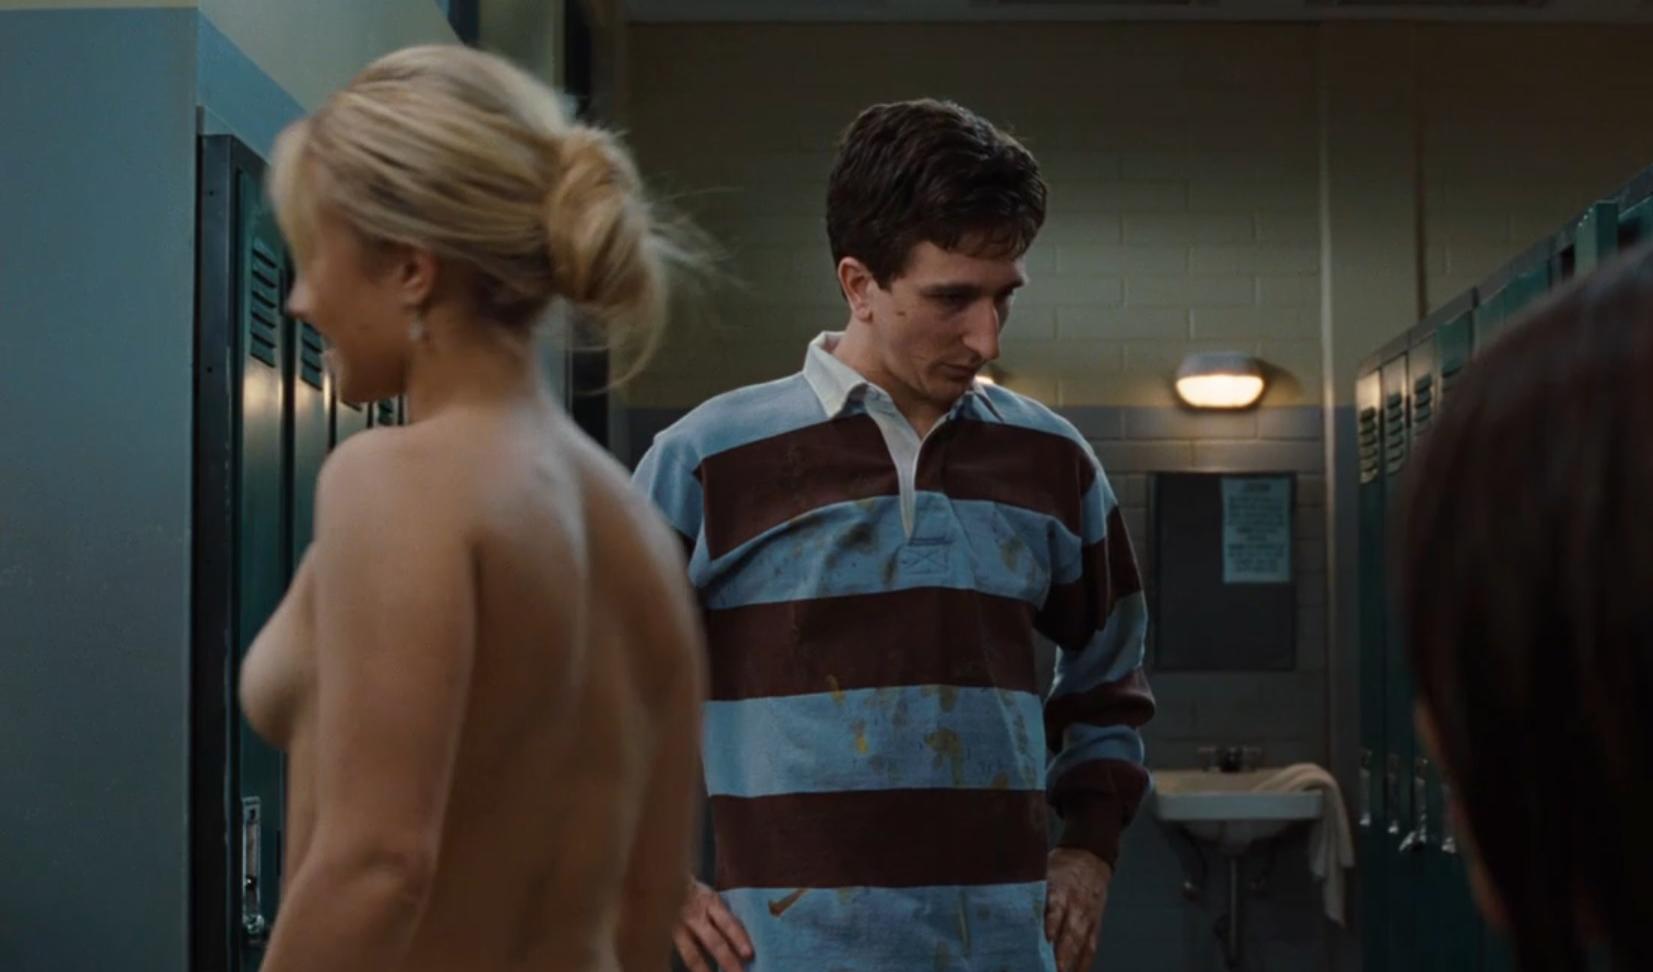 Hayden panatierre nude scene